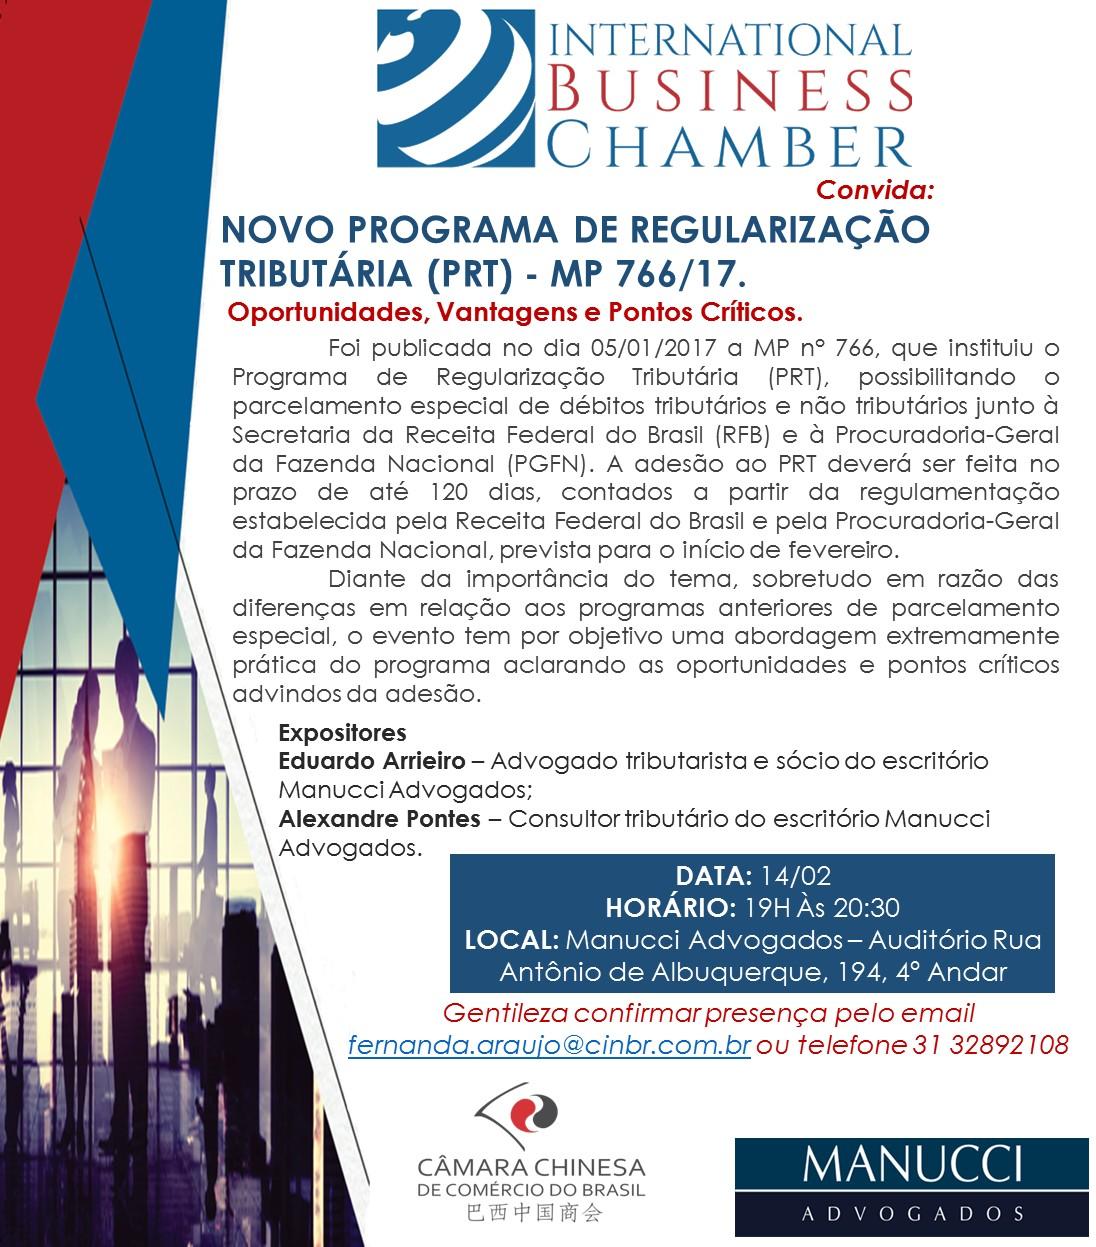 EVENTO 14-02 Manucci Adv